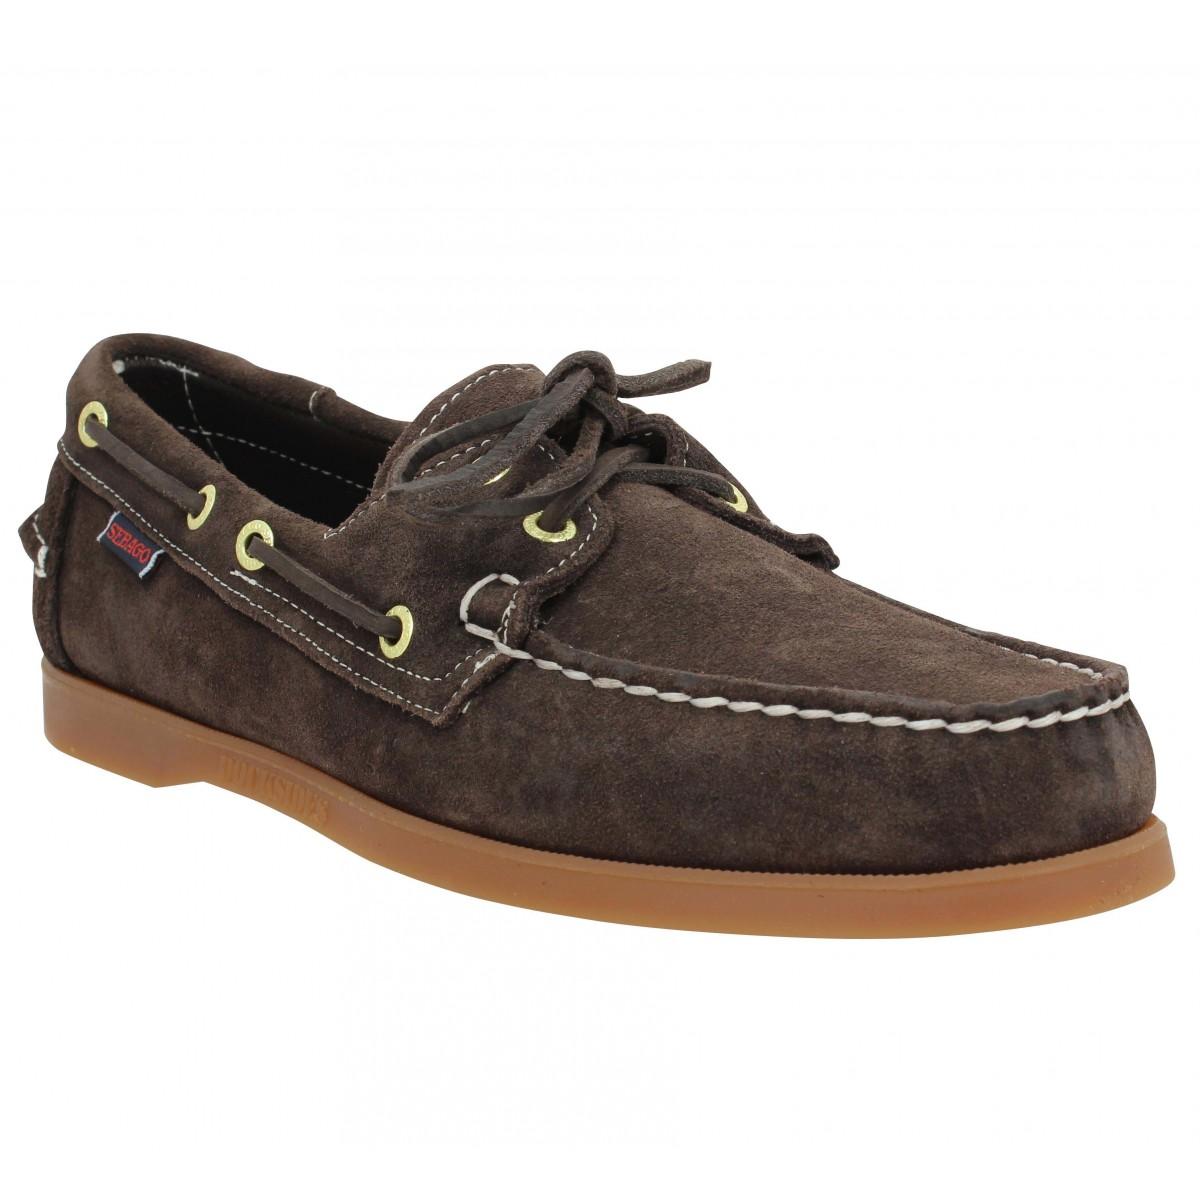 Chaussures bateaux SEBAGO Docksides velours Homme Marron Fonce